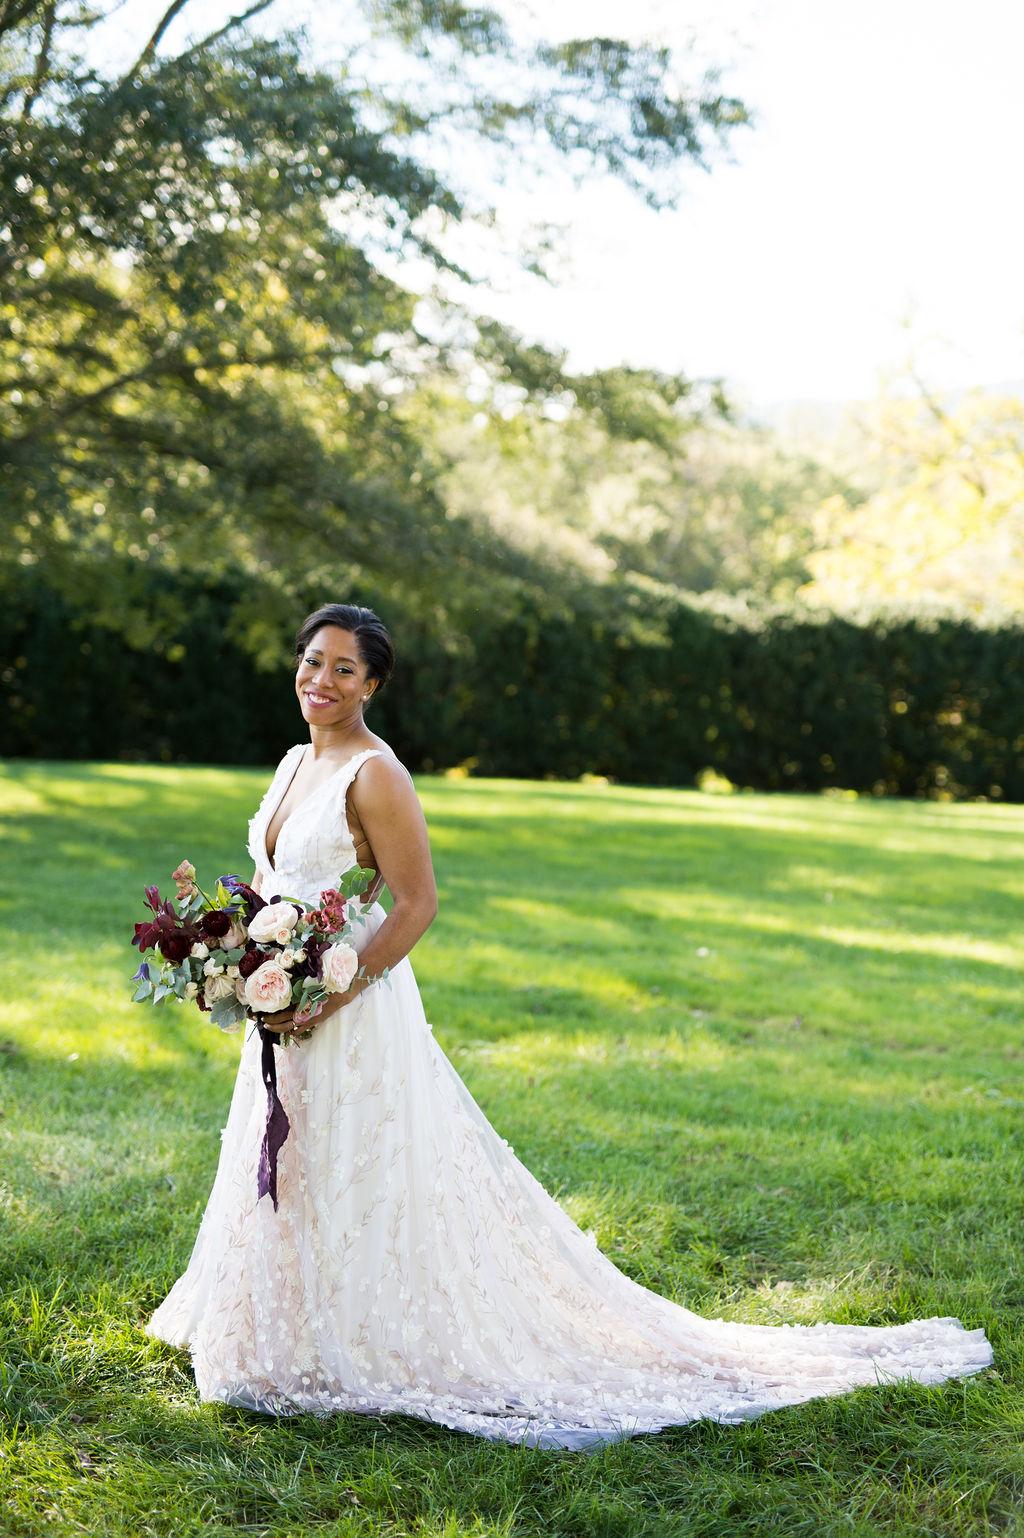 kara taylor wedding bride posing with bouquet